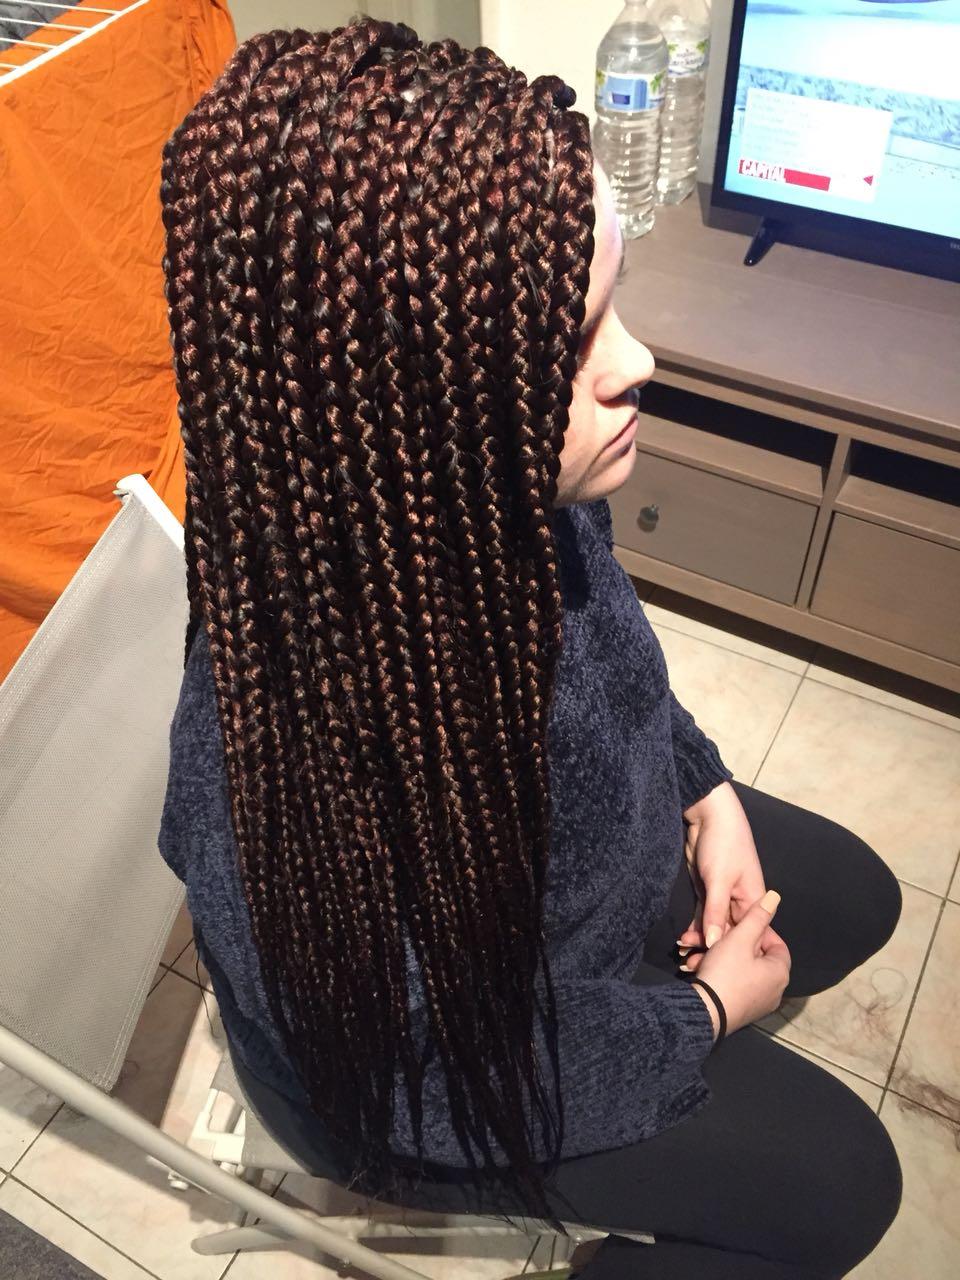 salon de coiffure afro tresse tresses box braids crochet braids vanilles tissages paris 75 77 78 91 92 93 94 95 EILGEBHR